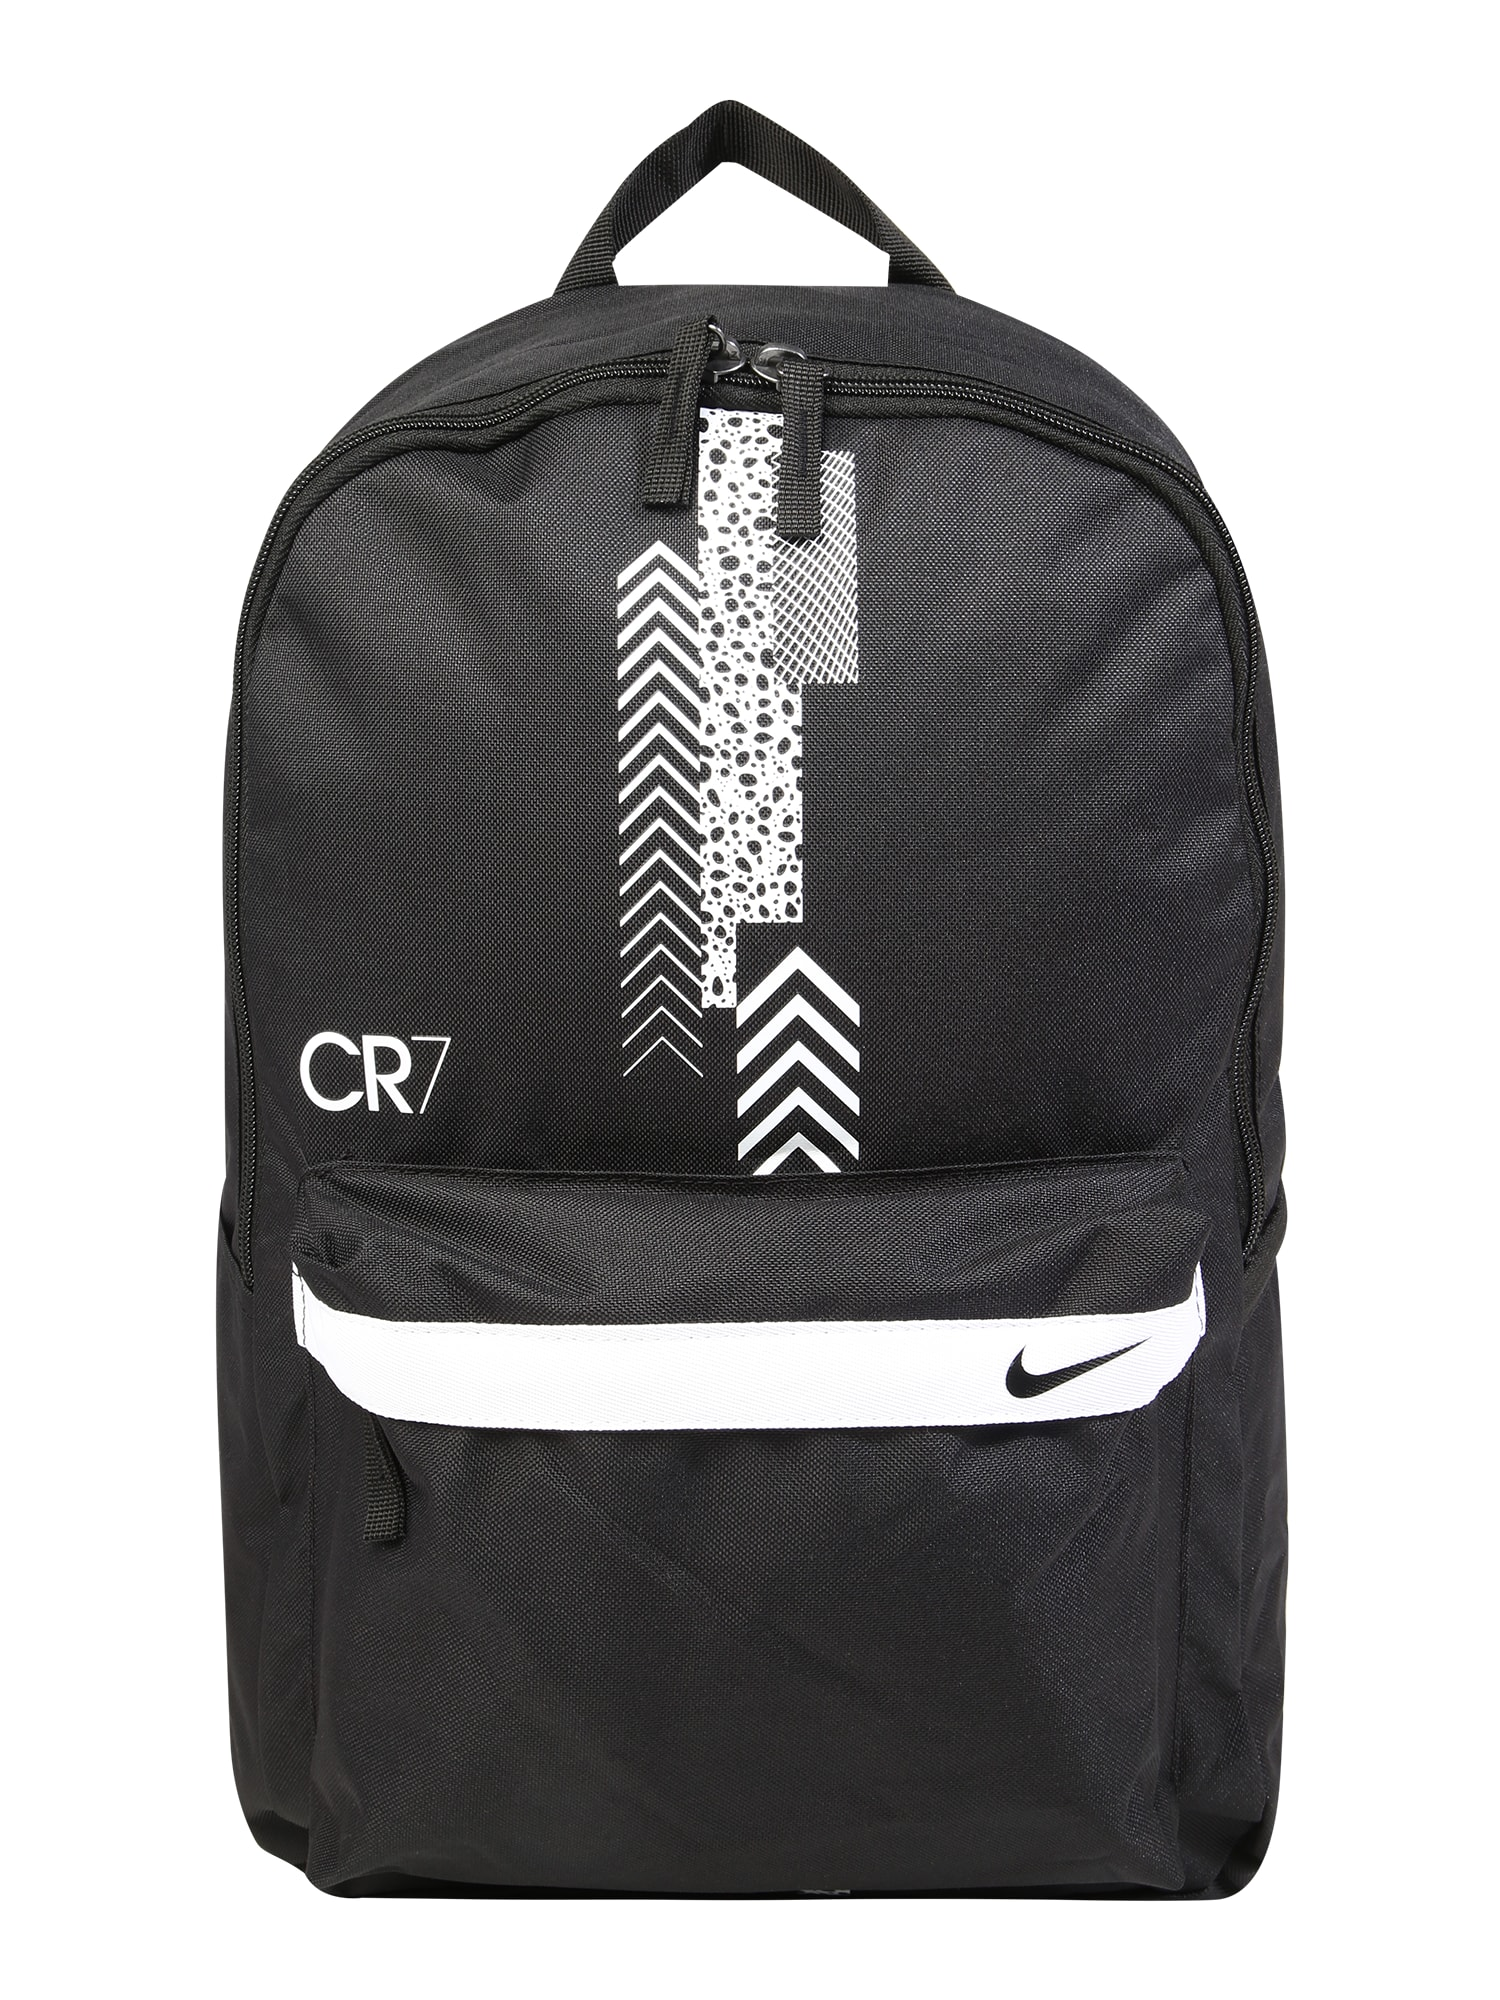 NIKE Sportovní batoh 'CR7'  černá / bílá